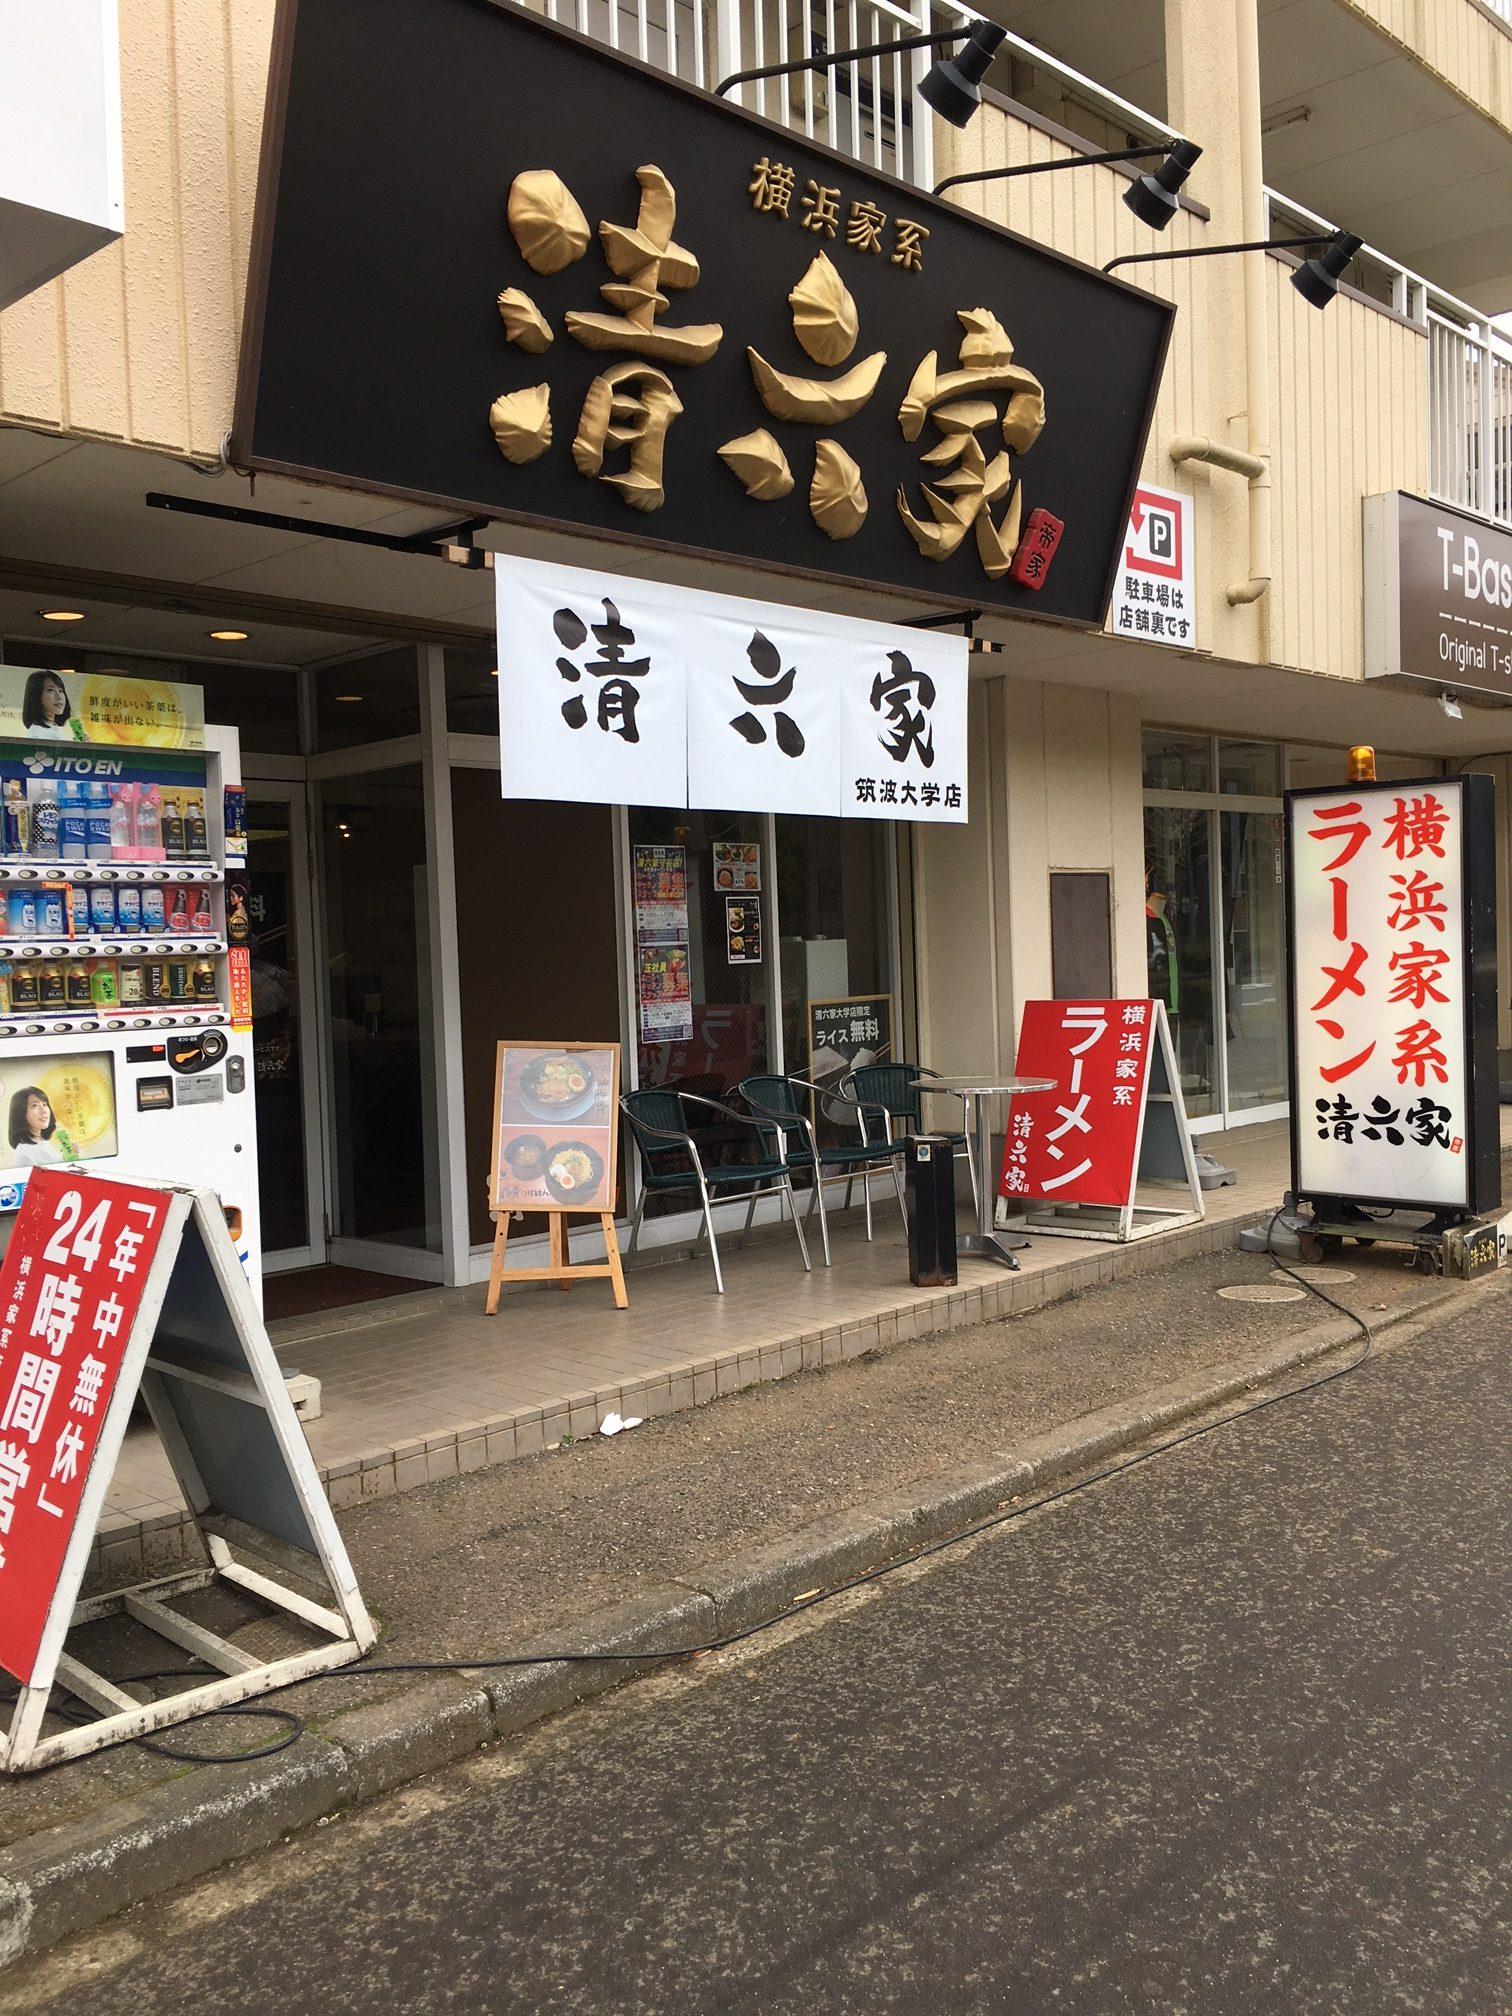 清六家 筑波大学店 (つくば市/家系ラーメン)